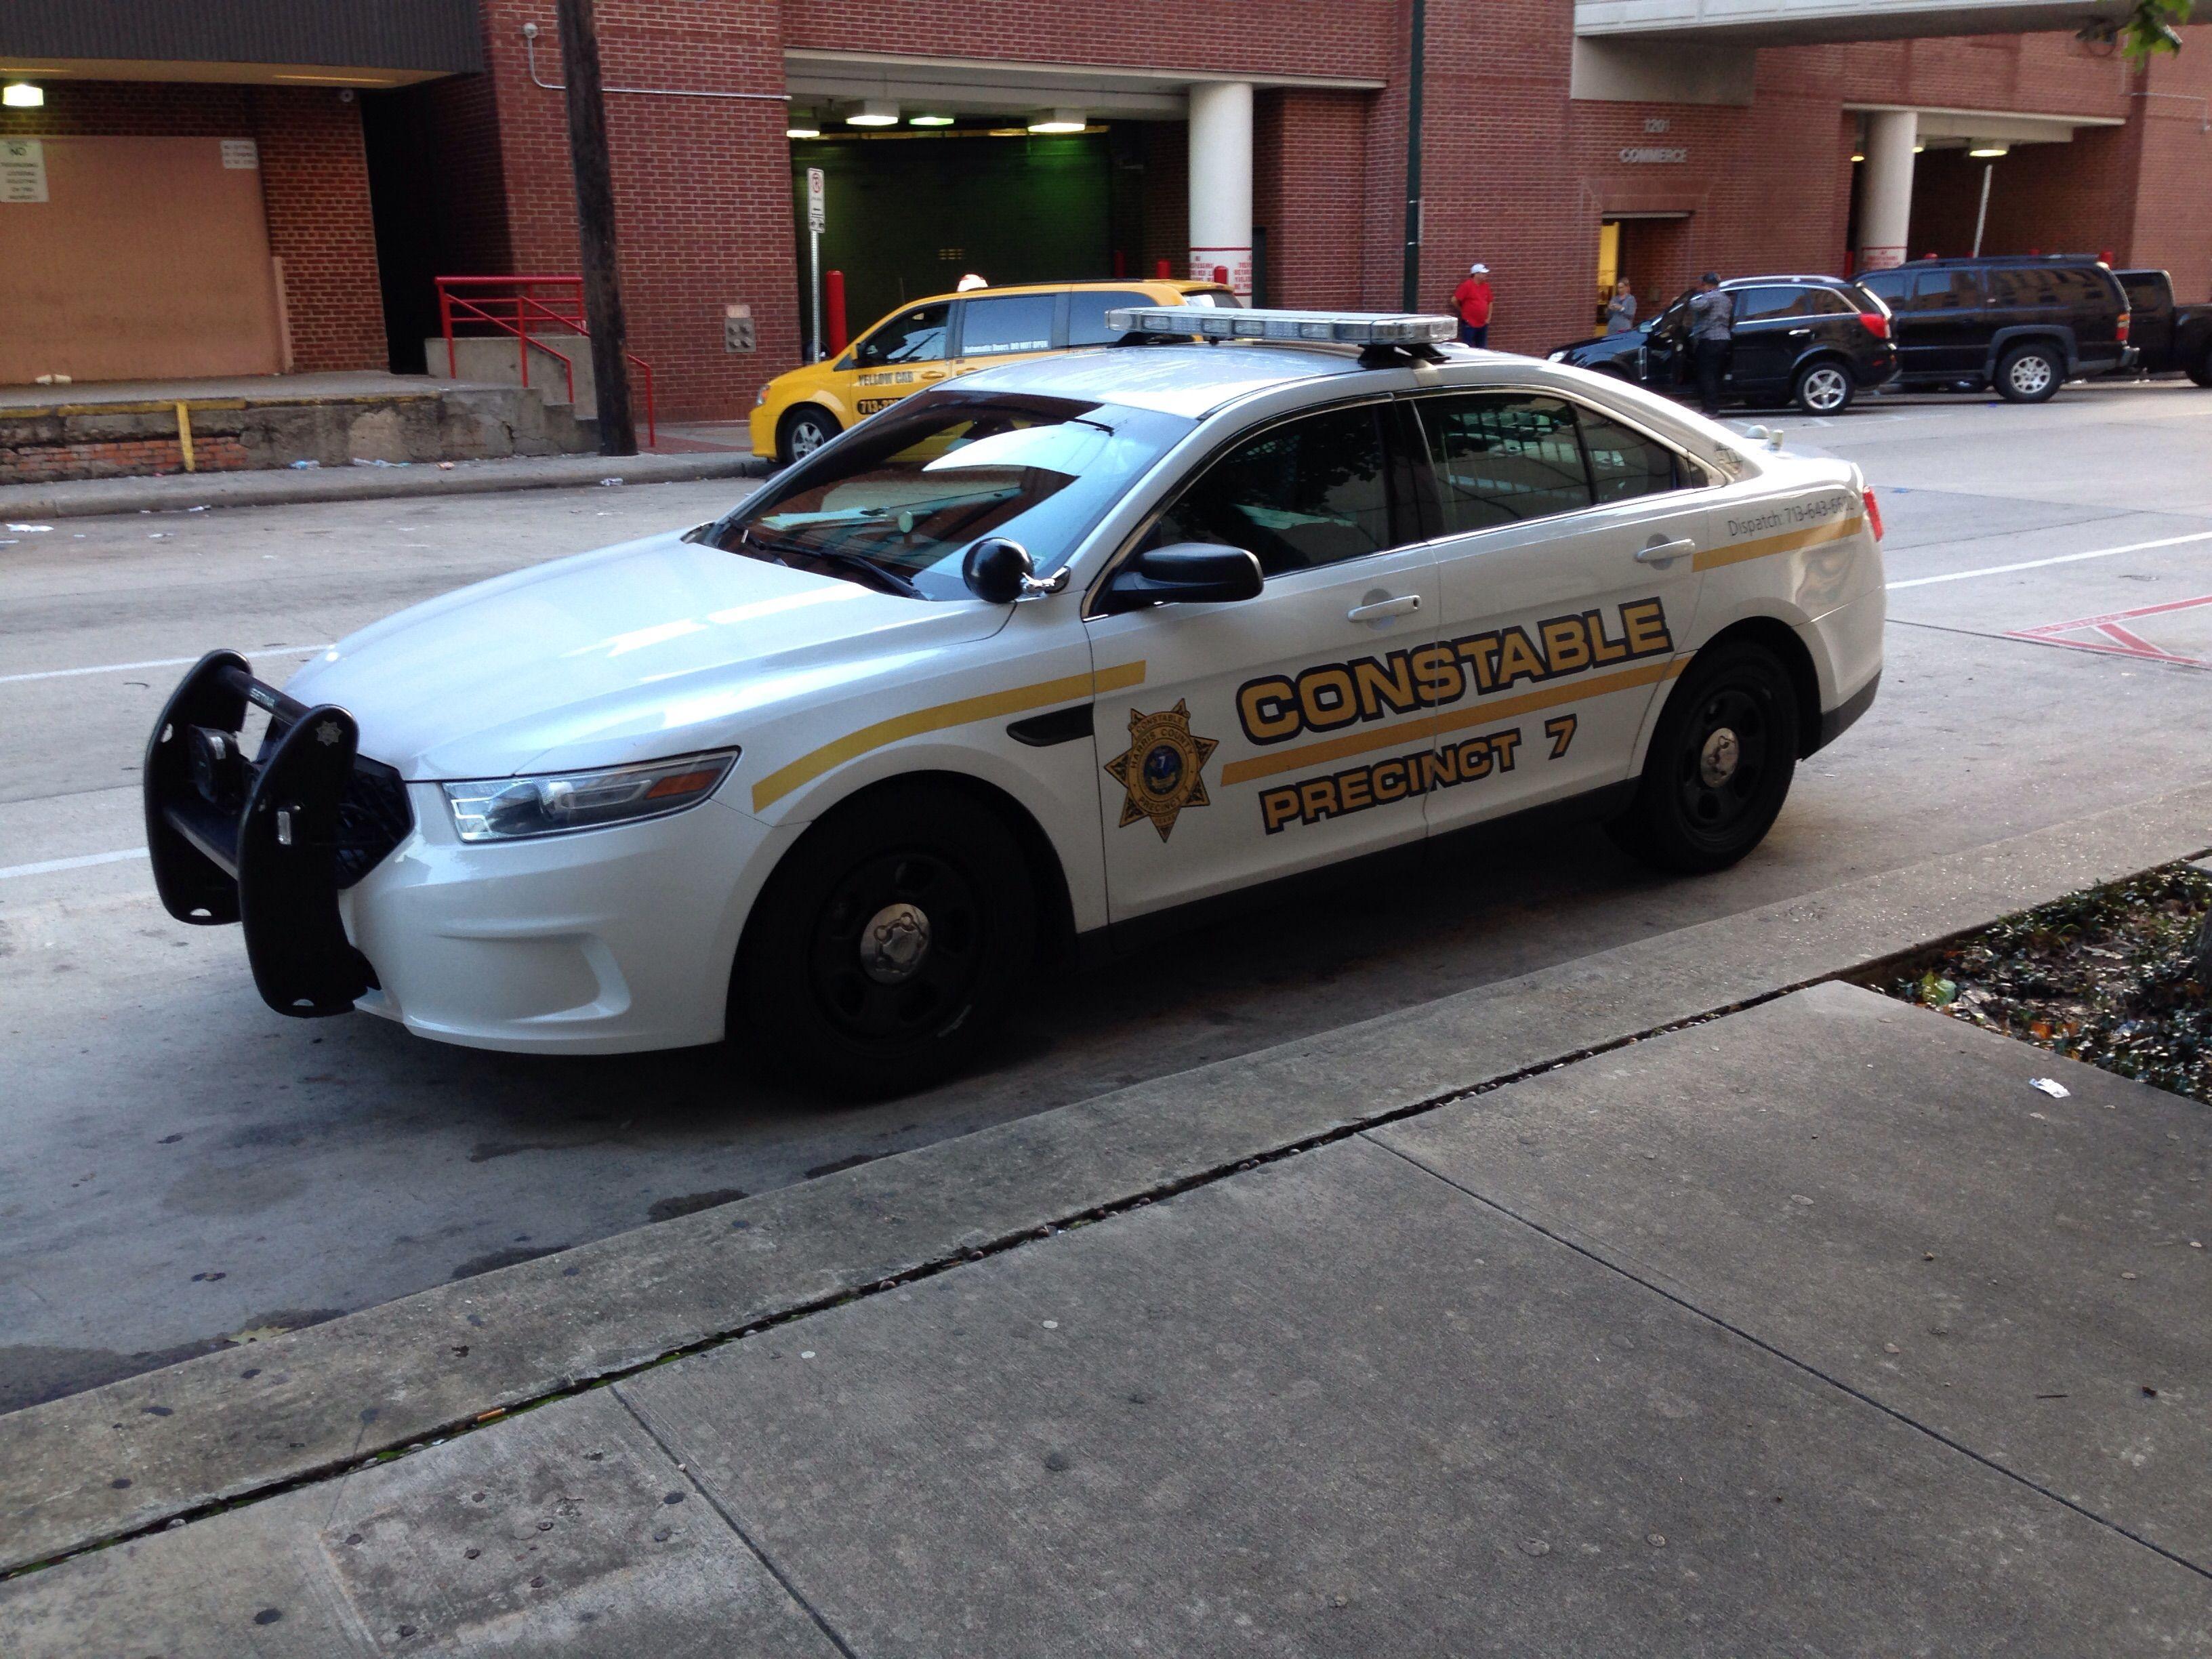 Harris County Constable Precinct 7 Ford Police Interceptor Texas Ford Police Police Cars Police